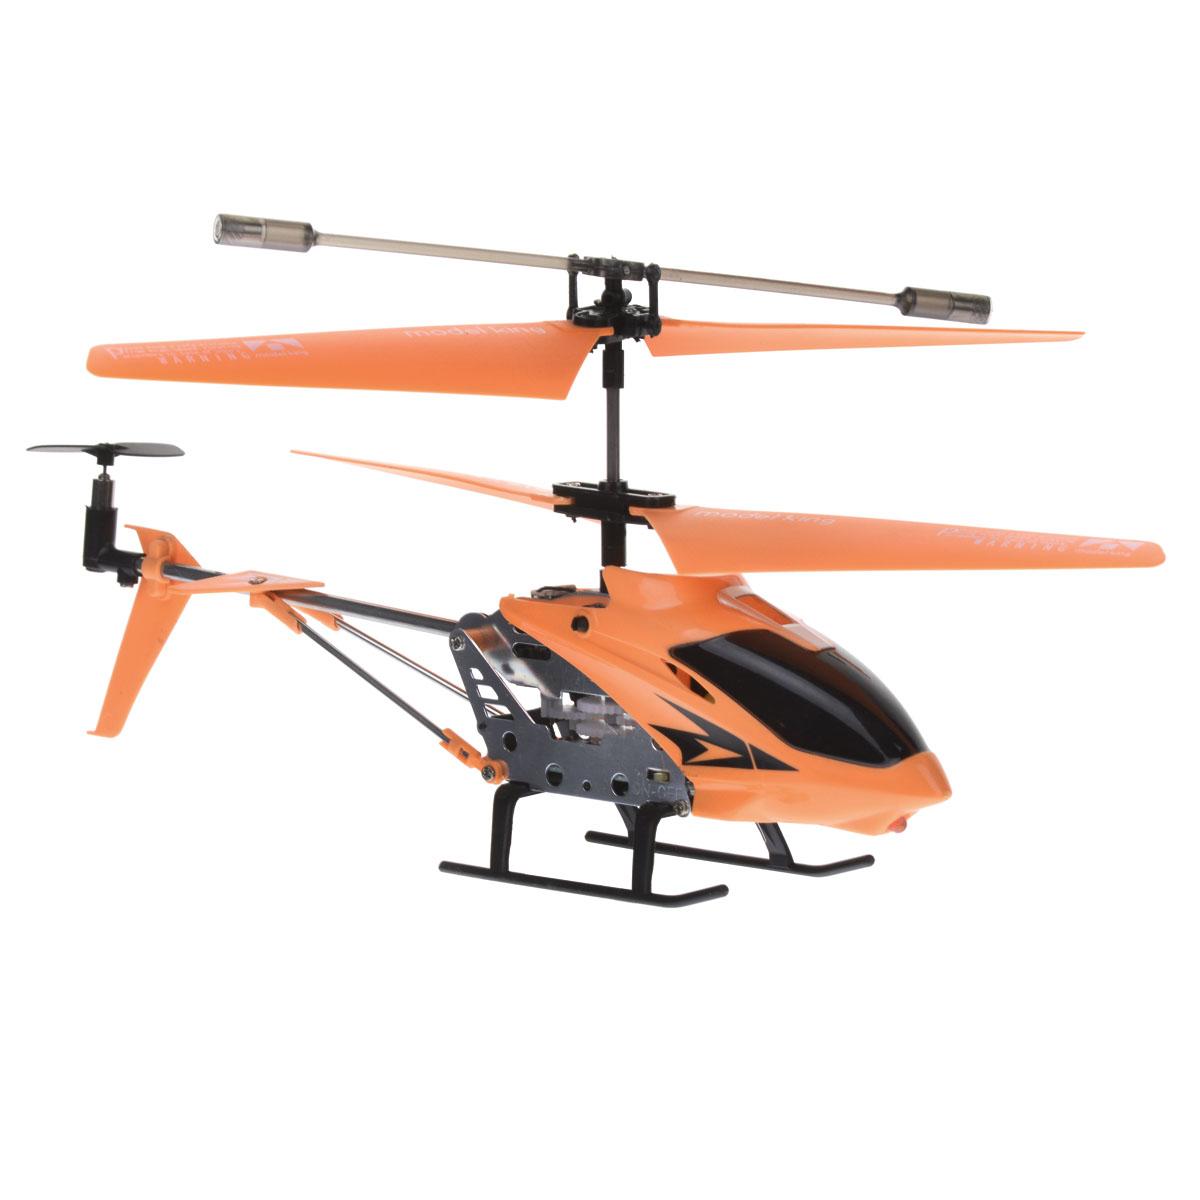 Junfa Toys Вертолет на радиоуправлении Model King цвет оранжевый33008-1оранжевыйВертолет радиоуправляемый с гироскопом, который позволяет ему плавно парить в воздухе. Он может передвигаться вправо/влево, вверх/вниз, вперед/назад. Небольшой размер и маленький вес обеспечивают маневренность и скорость. У вертолета металлический прочный каркас. Радиоуправляемый металлический вертолет на радиоуправлении Junfa Toys Model King понравится любому ребенку. 3,5-канальный вертолет с гироскопом будет плавно парить в воздухе и зависать по командам с пульта управления. Благодаря пульту вертолет может перемещаться назад и вперед, вверх и вниз, а также устремляться в левую и правую сторону. Маленький вес вертолета и небольшой размер обеспечивают скорость и маневренность . У вертолета прочный металлический каркас. В передней части вертолета имеется светодиод, который попеременно горит синим и красным цветом. Очень эффектно смотрится в сумеречное время.